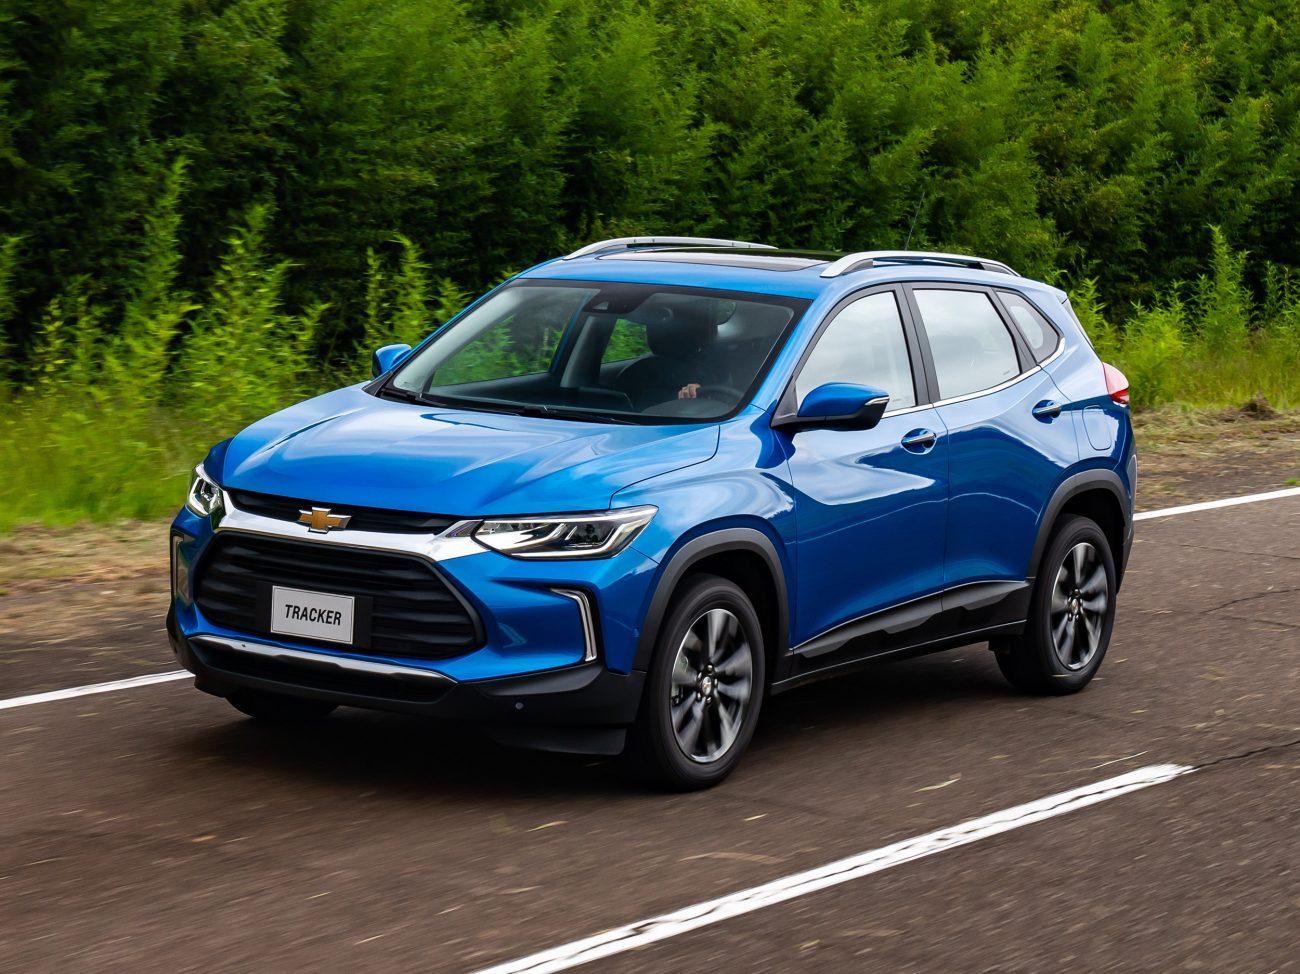 Avaliação: Chevrolet Tracker finalmente tem chance de ser líder entre os SUVs